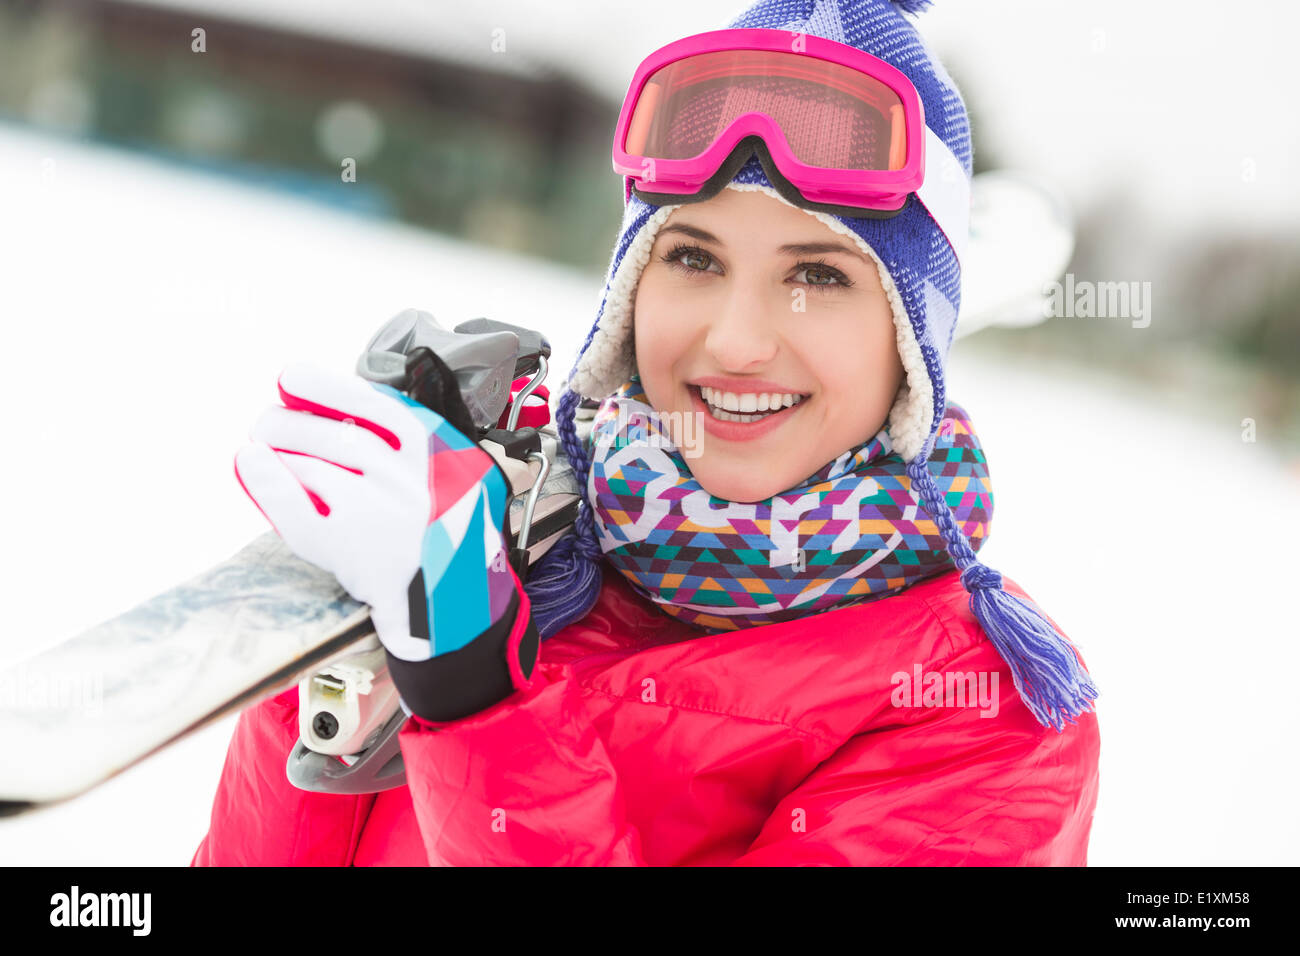 Hermosa joven llevando los esquís en la nieve Imagen De Stock